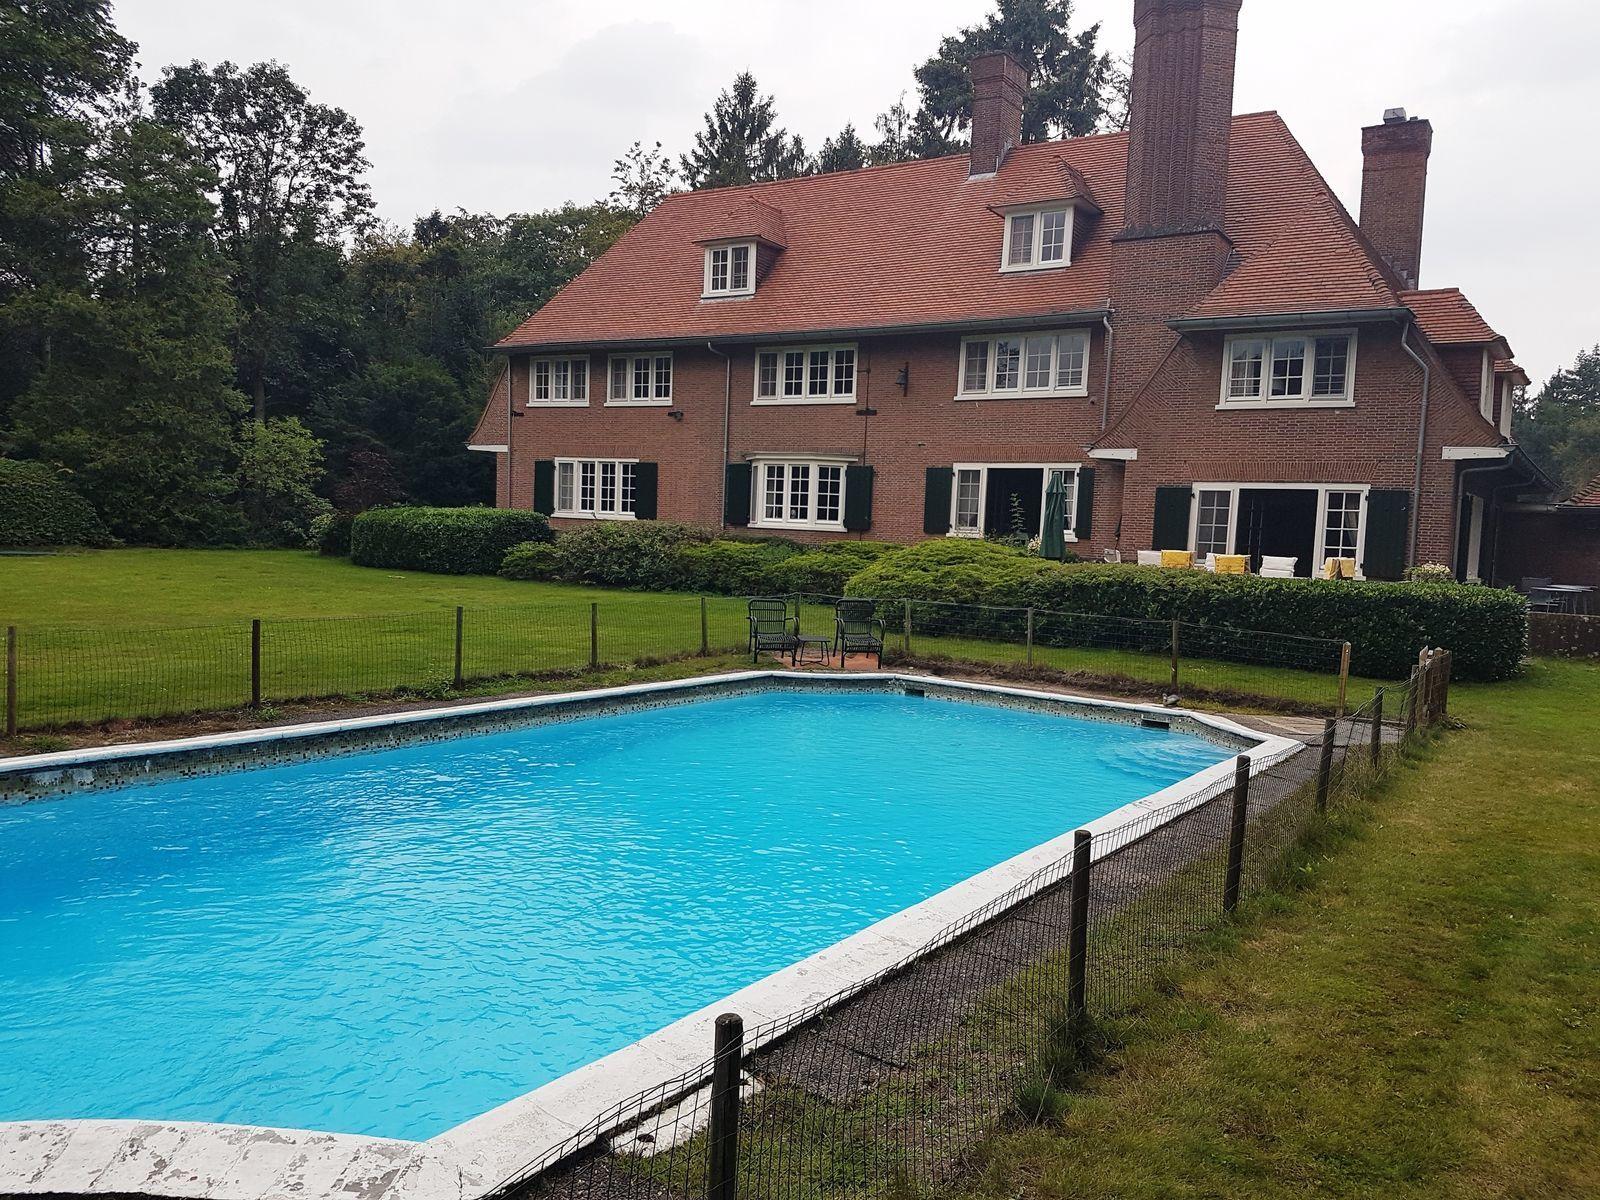 Landhuis Buitenverblijf de Valk - vakantiehuis in Brabant met zwembad en tennisbaan